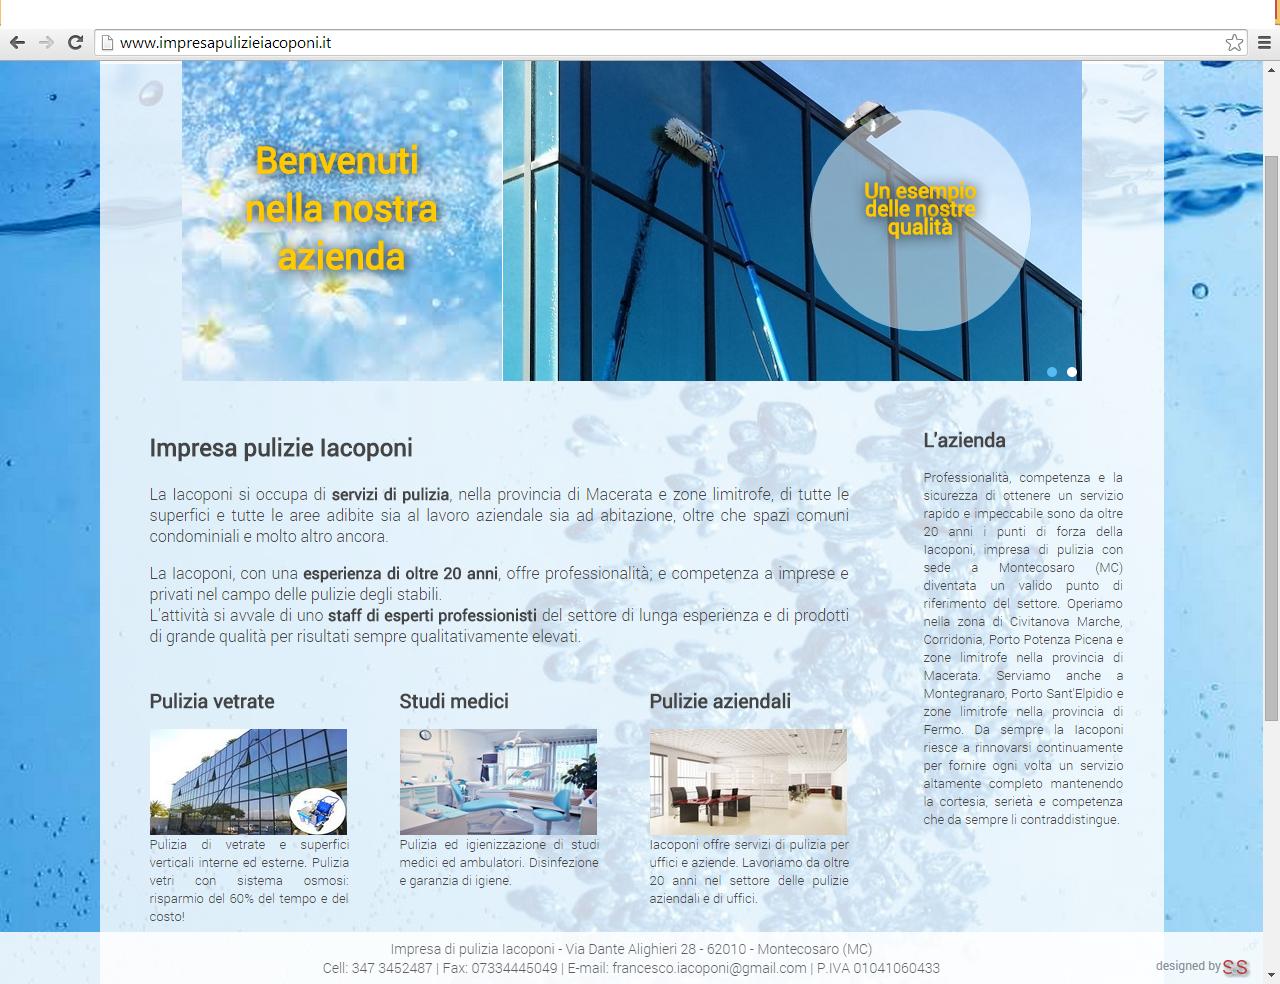 Ottimizzazione sito internet per pc, tablet, smartphone e dispositivi mobili